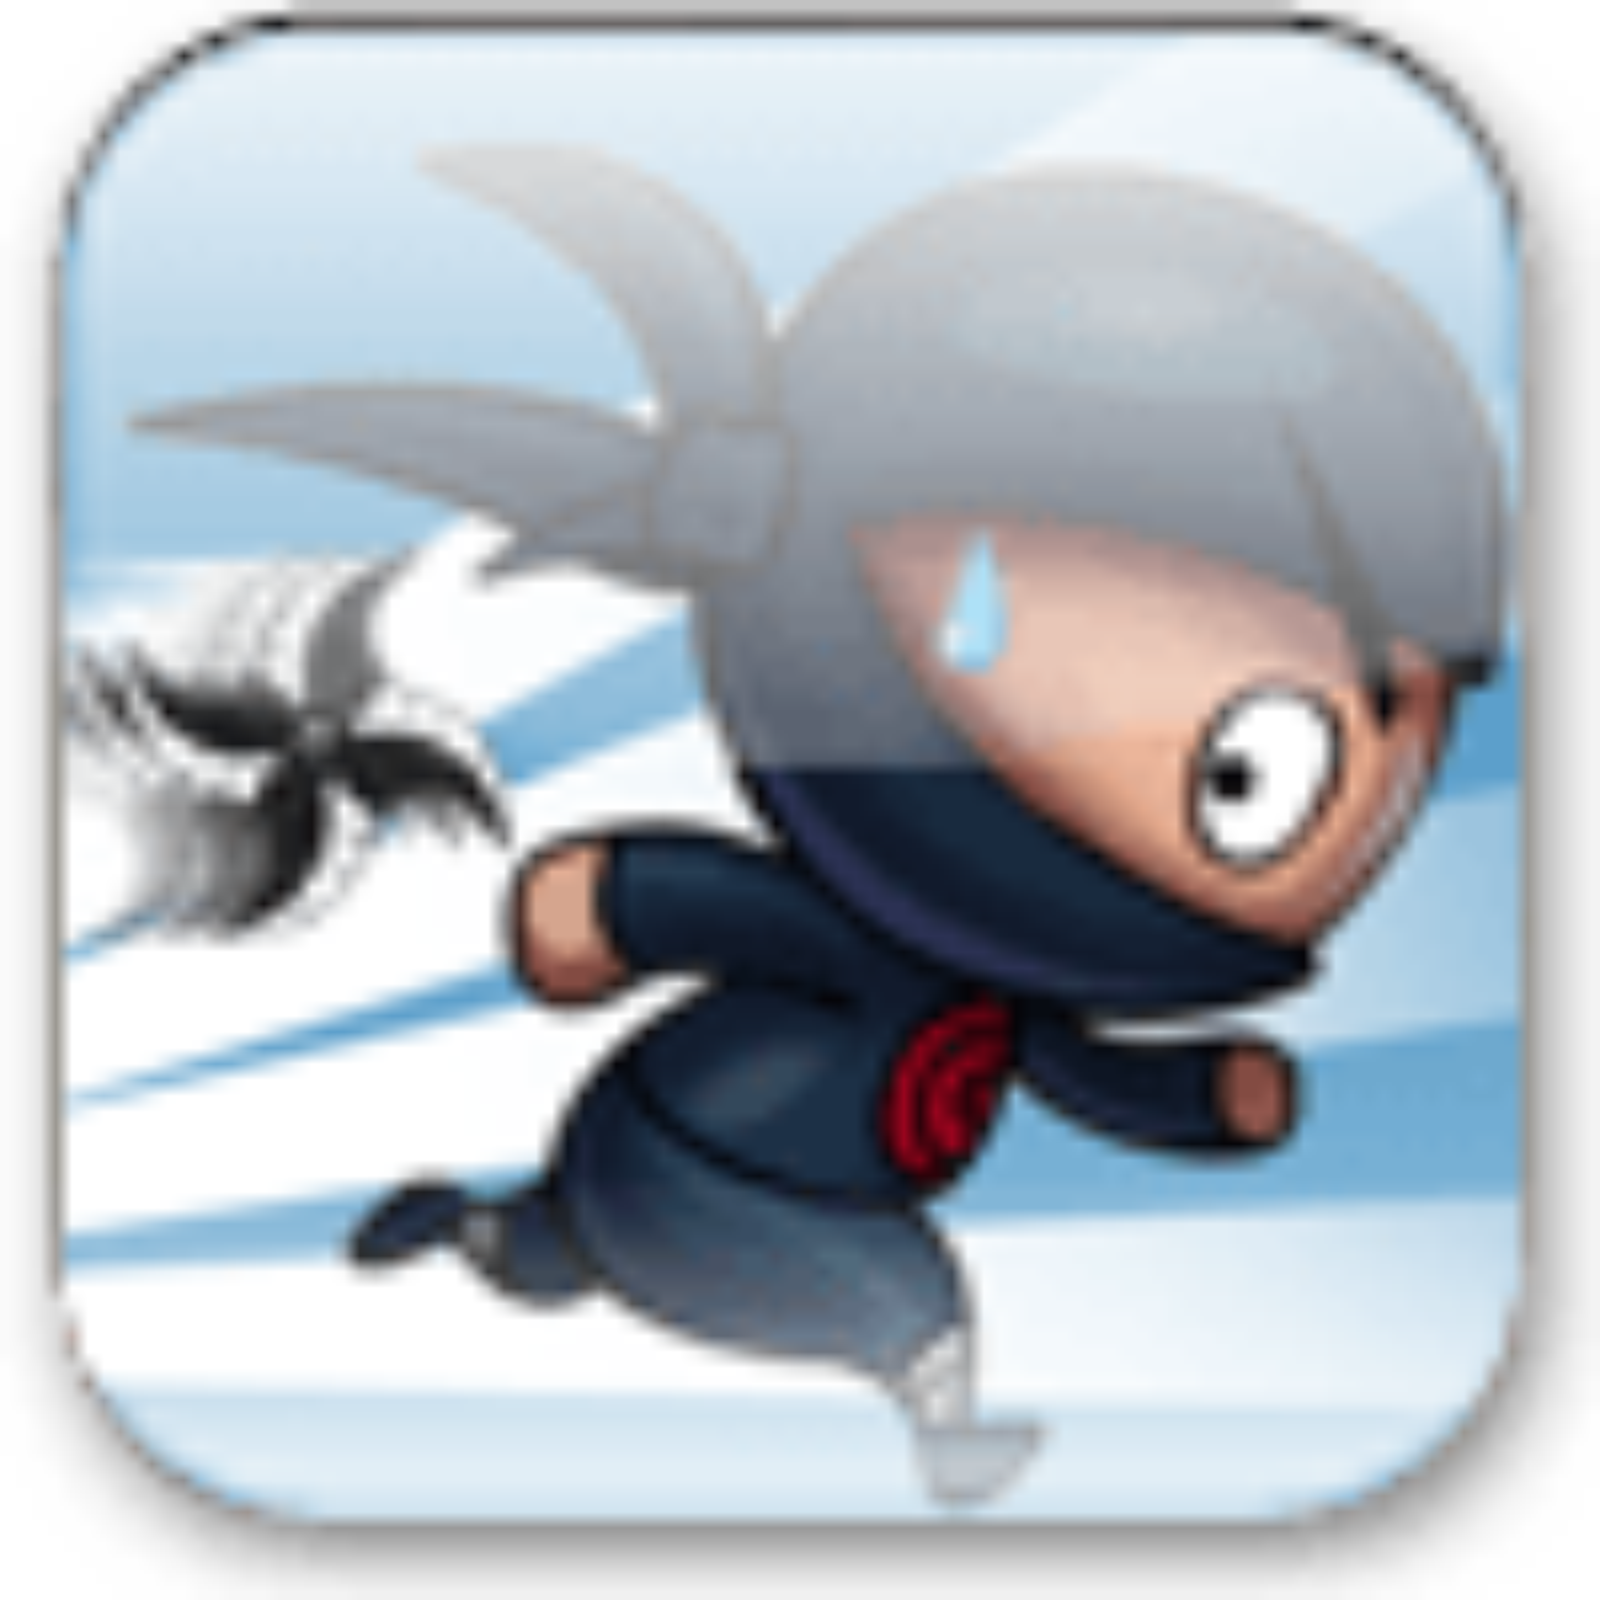 Yoo Ninja!